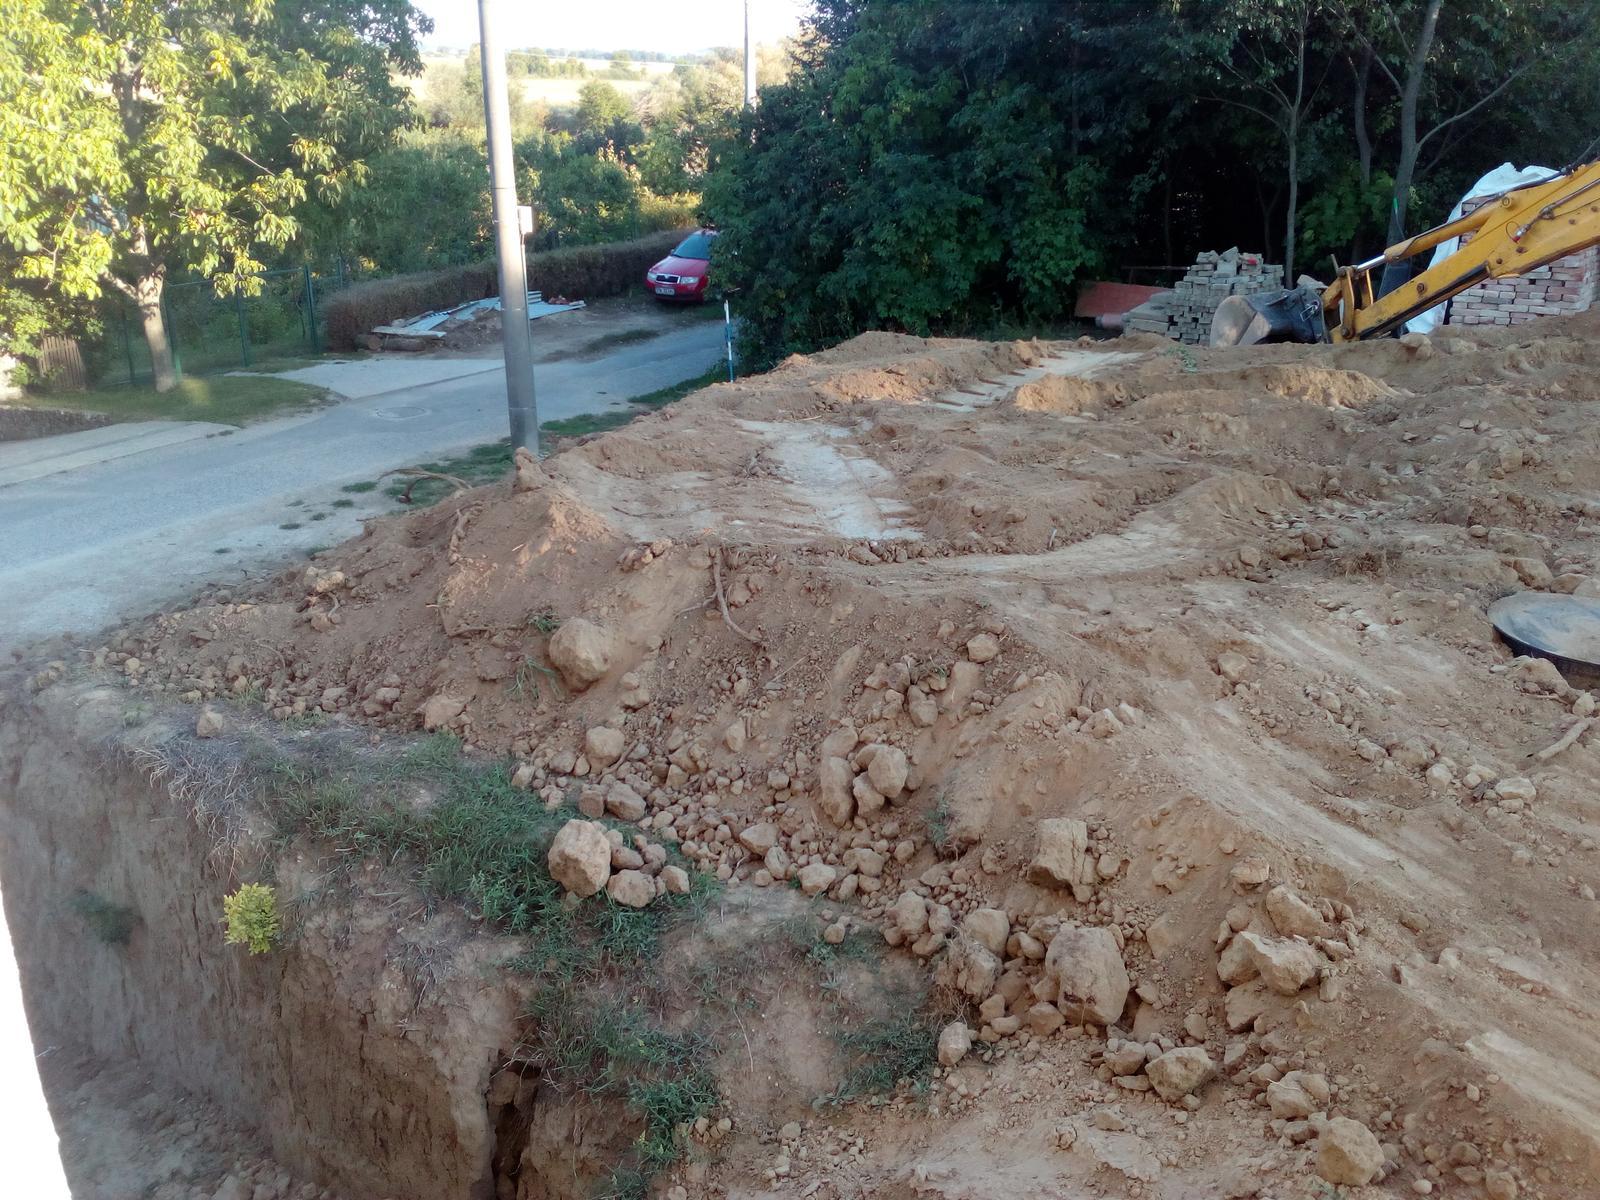 Okolie domu, záhrada - 8.2017 - Báger robí úpravy terénu